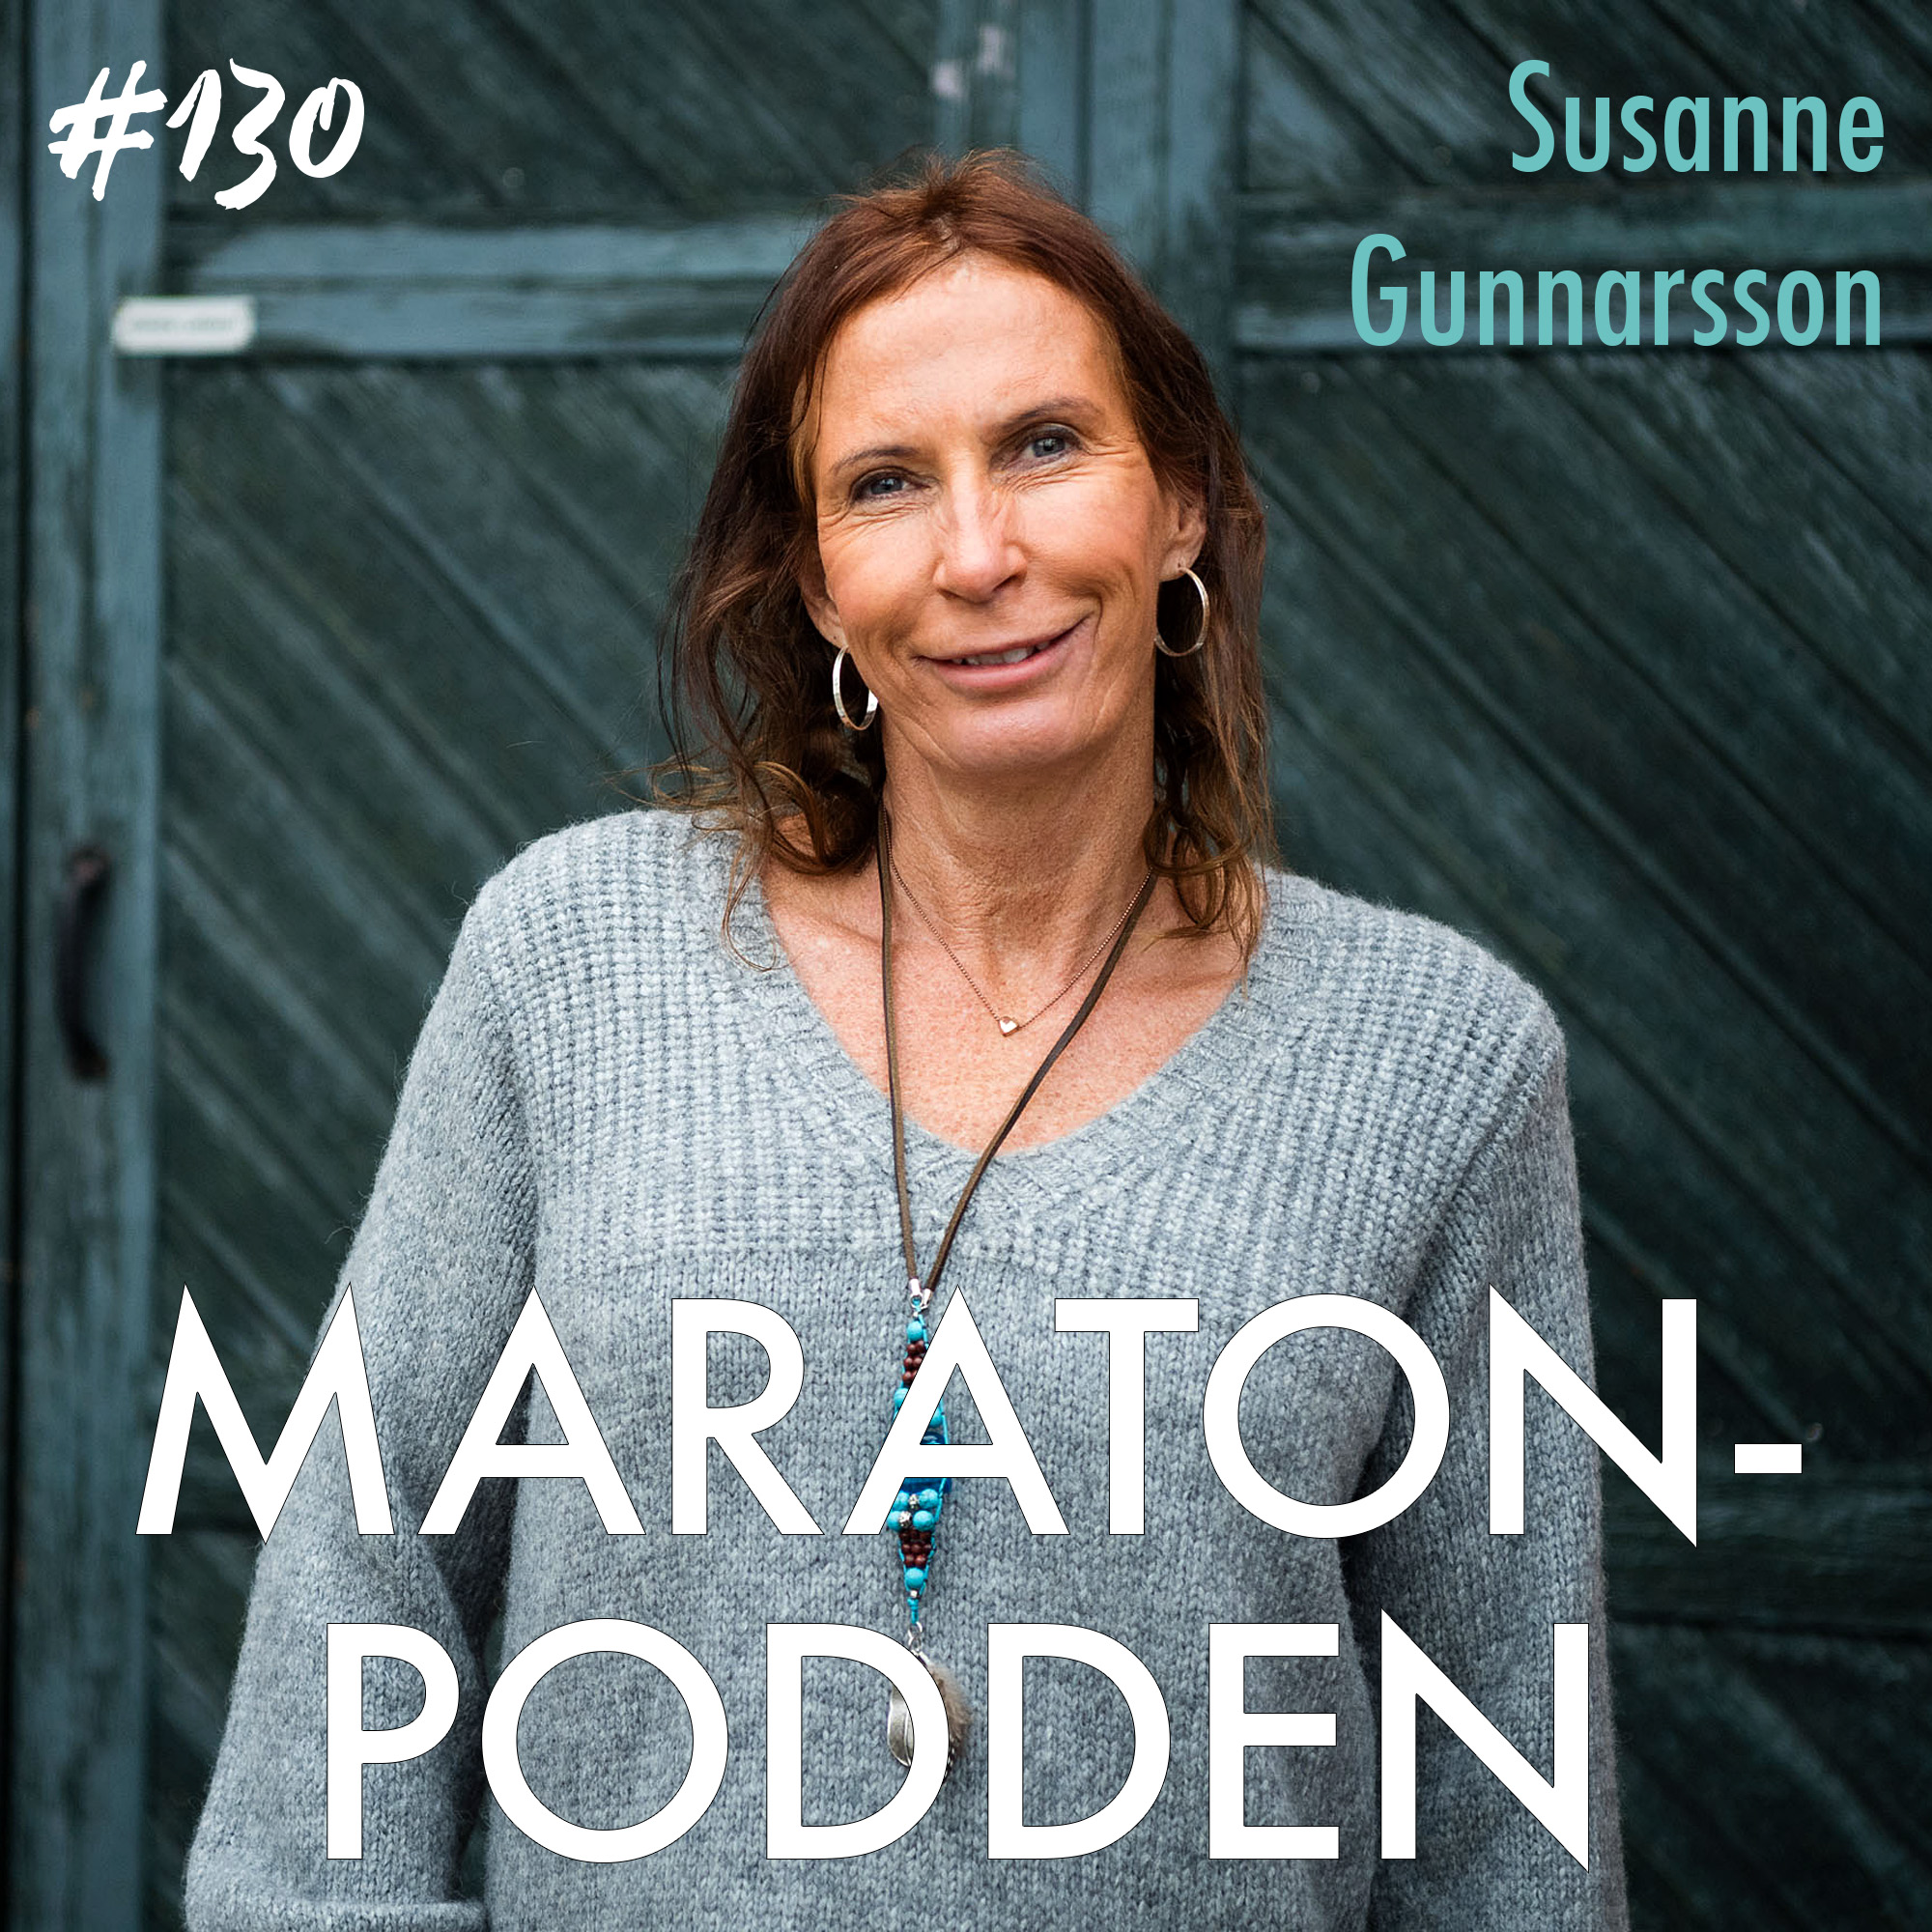 Susanne Gunnarsson